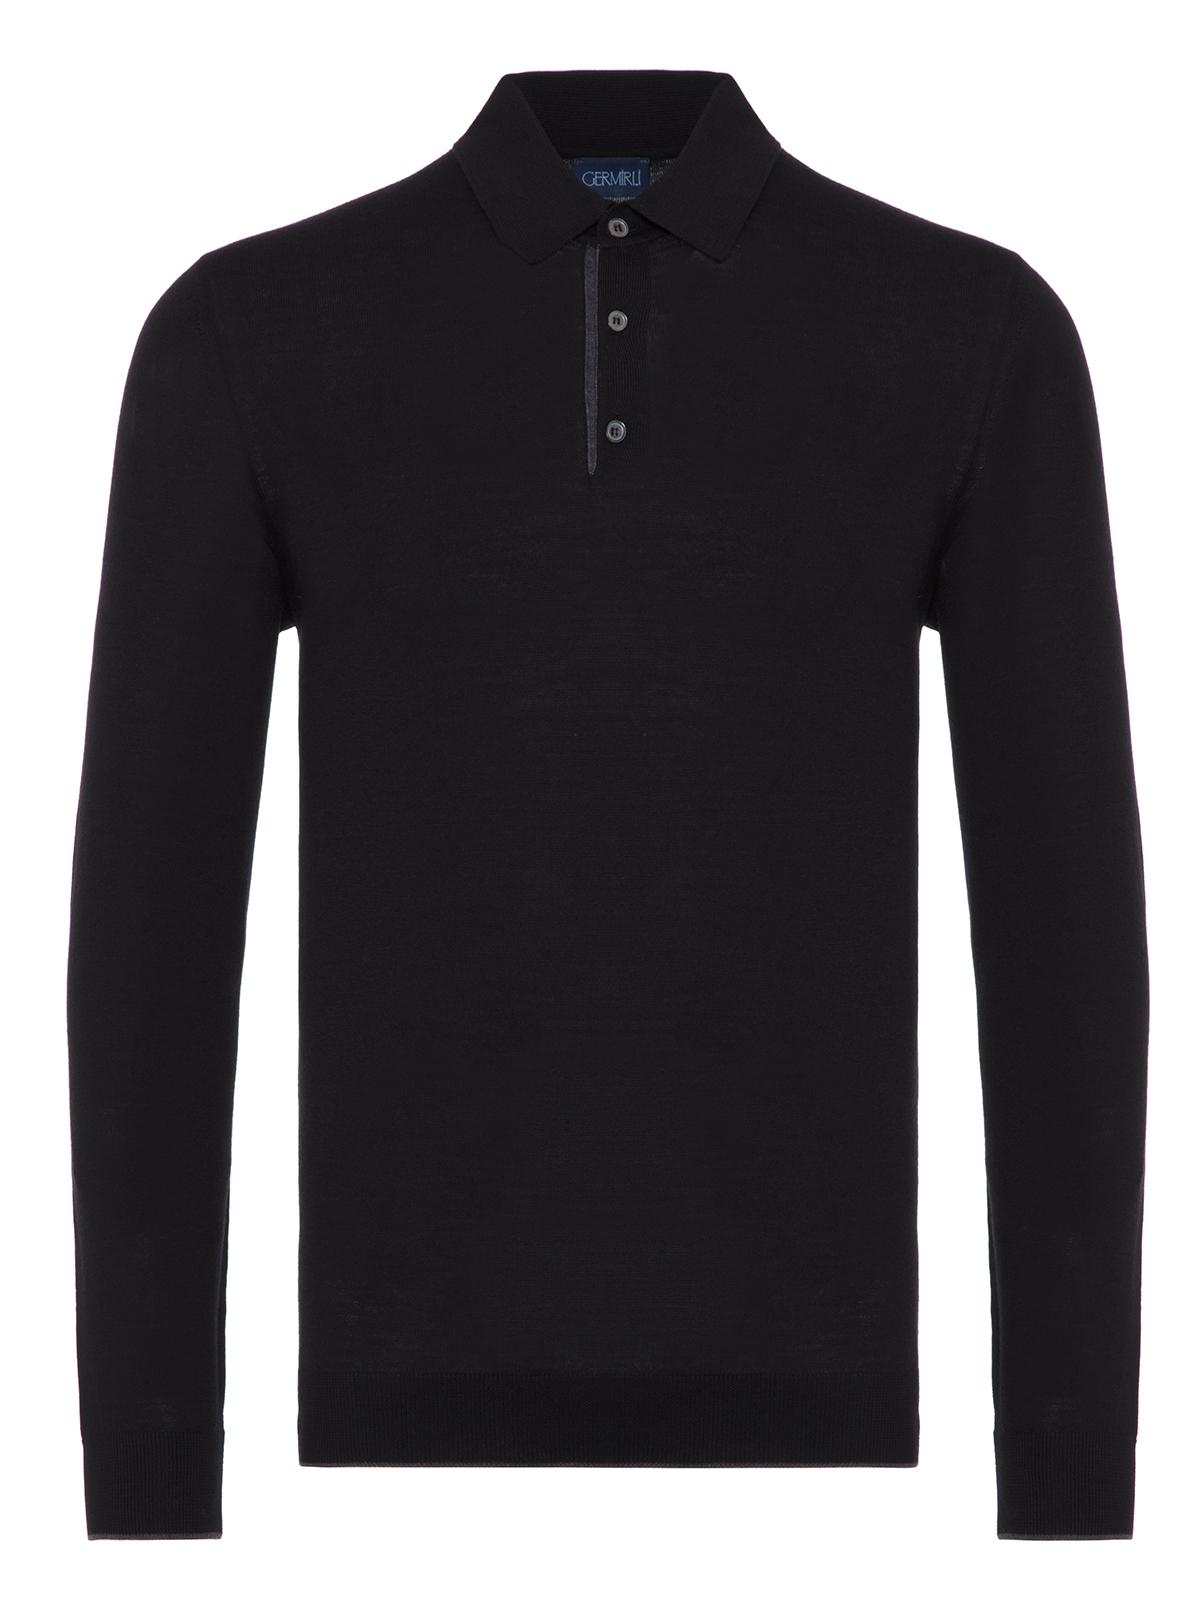 Germirli - Germirli Siyah Düğmeli Polo Yaka Extra Fine Yün Slim Fit Triko